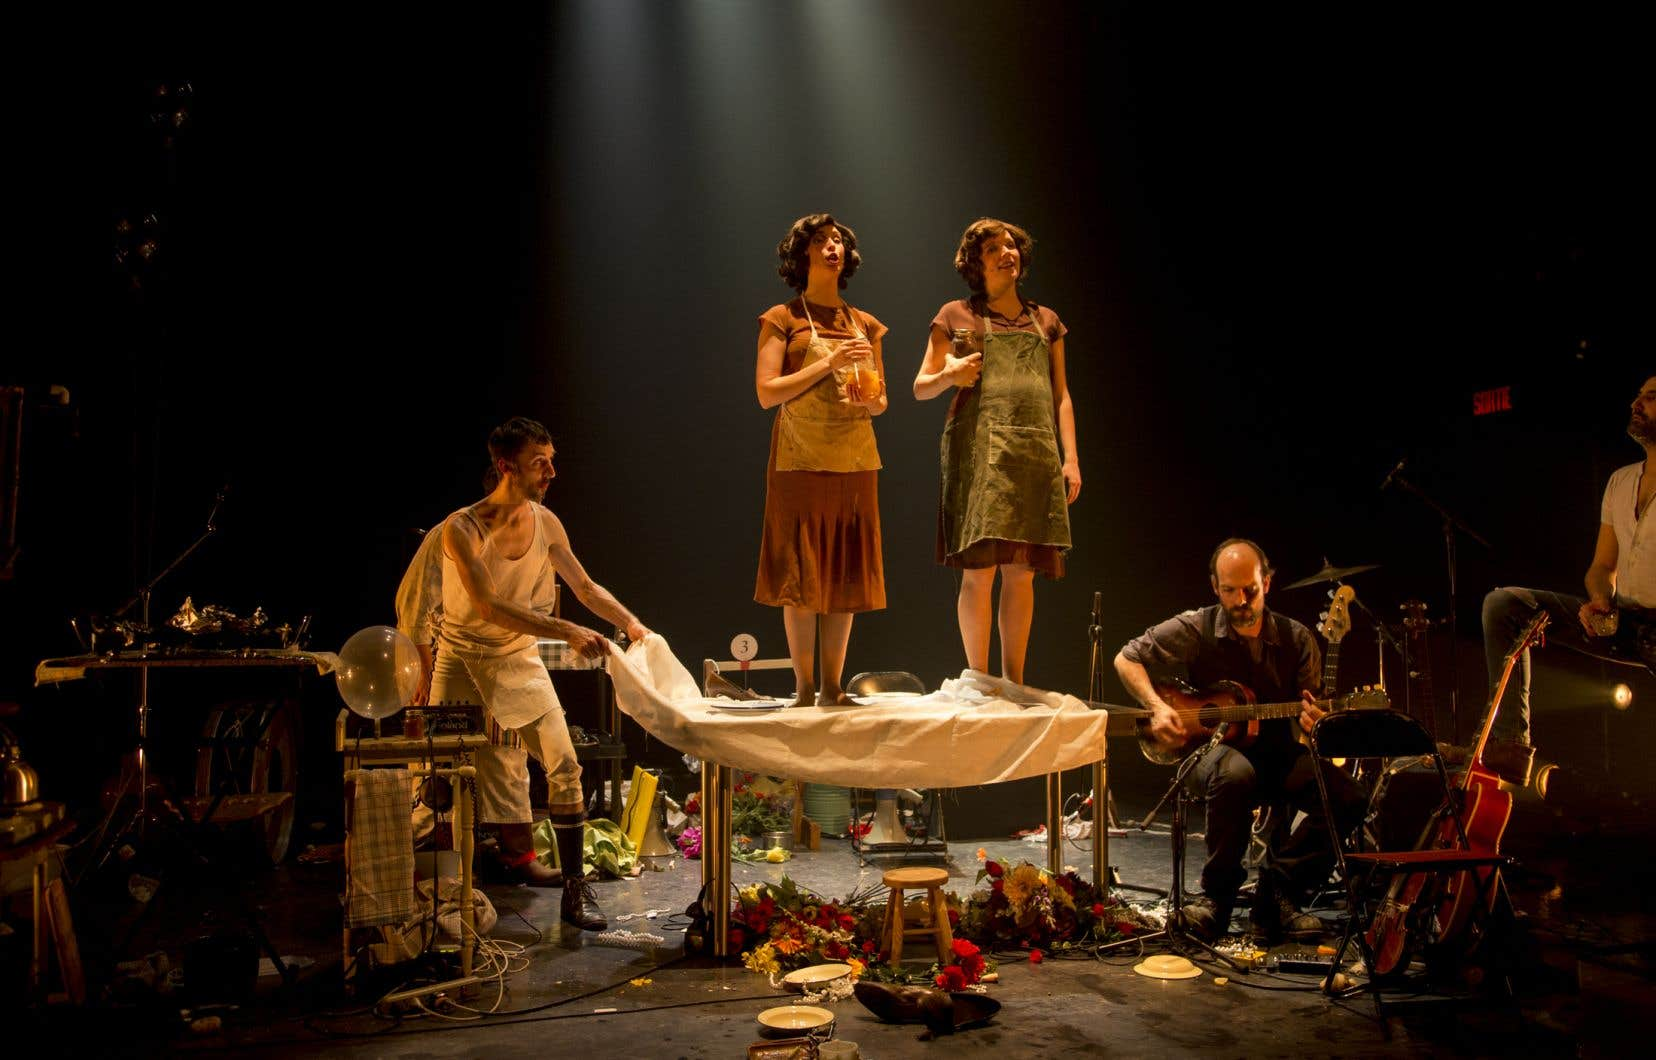 Les chansons sont accompagnées par une entreprise culinaire: préparer un poulet (et ses accompagnements) — d'où le titre du spectacle.